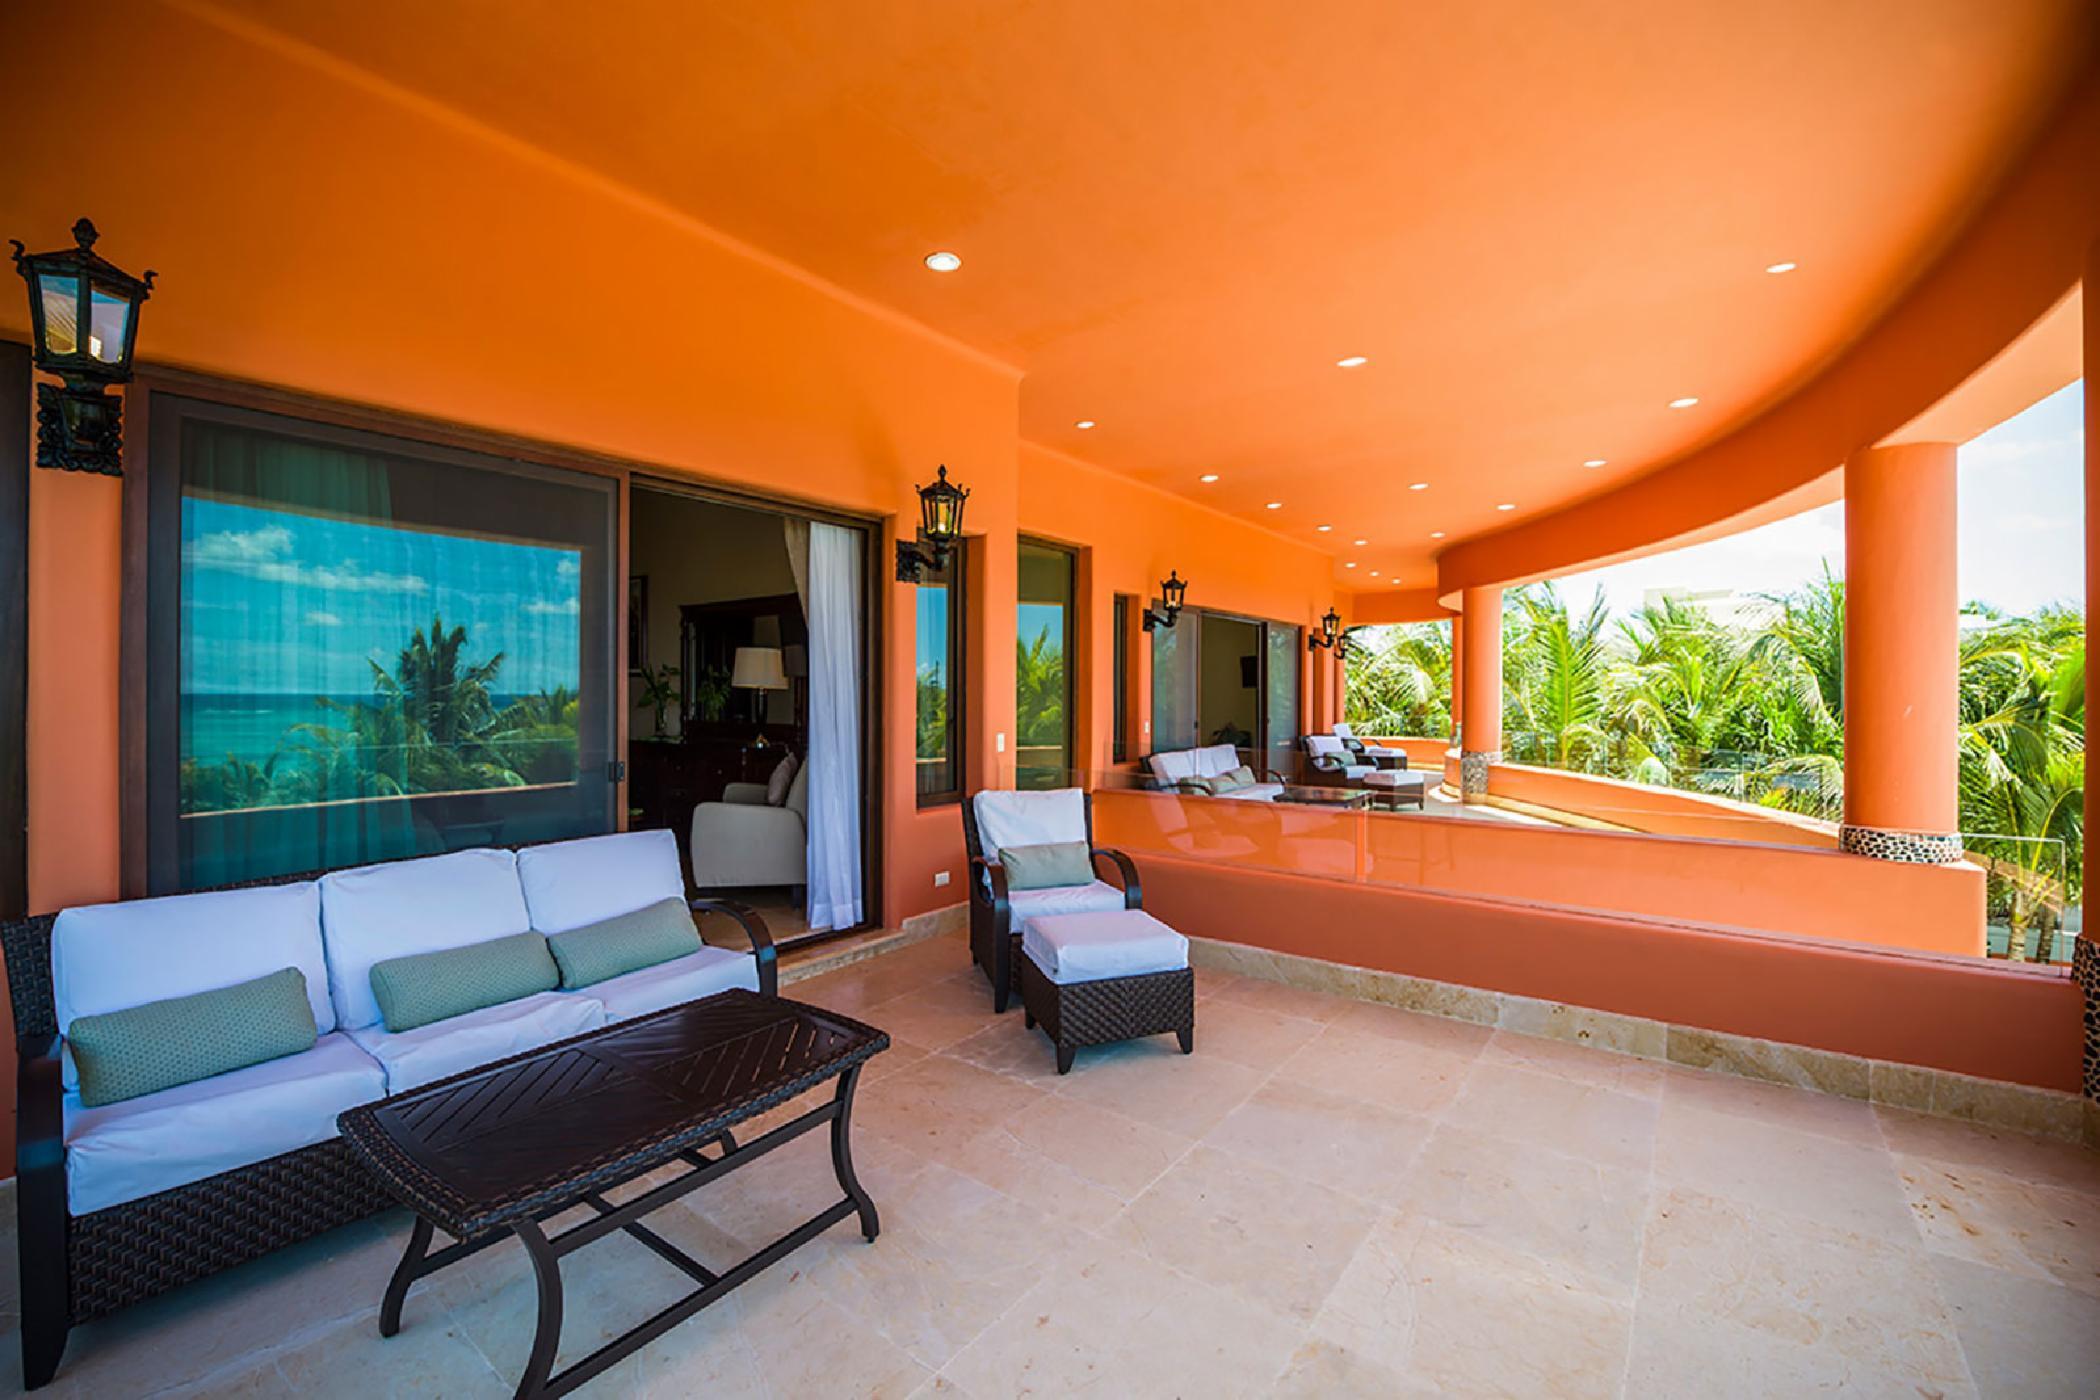 Maya_Luxe_Riviera_Maya_Luxury_Villas_Experiences_Tankah_Bay_Tulum_8_Bedrooms_Cenote_del_Mar_23.jpg